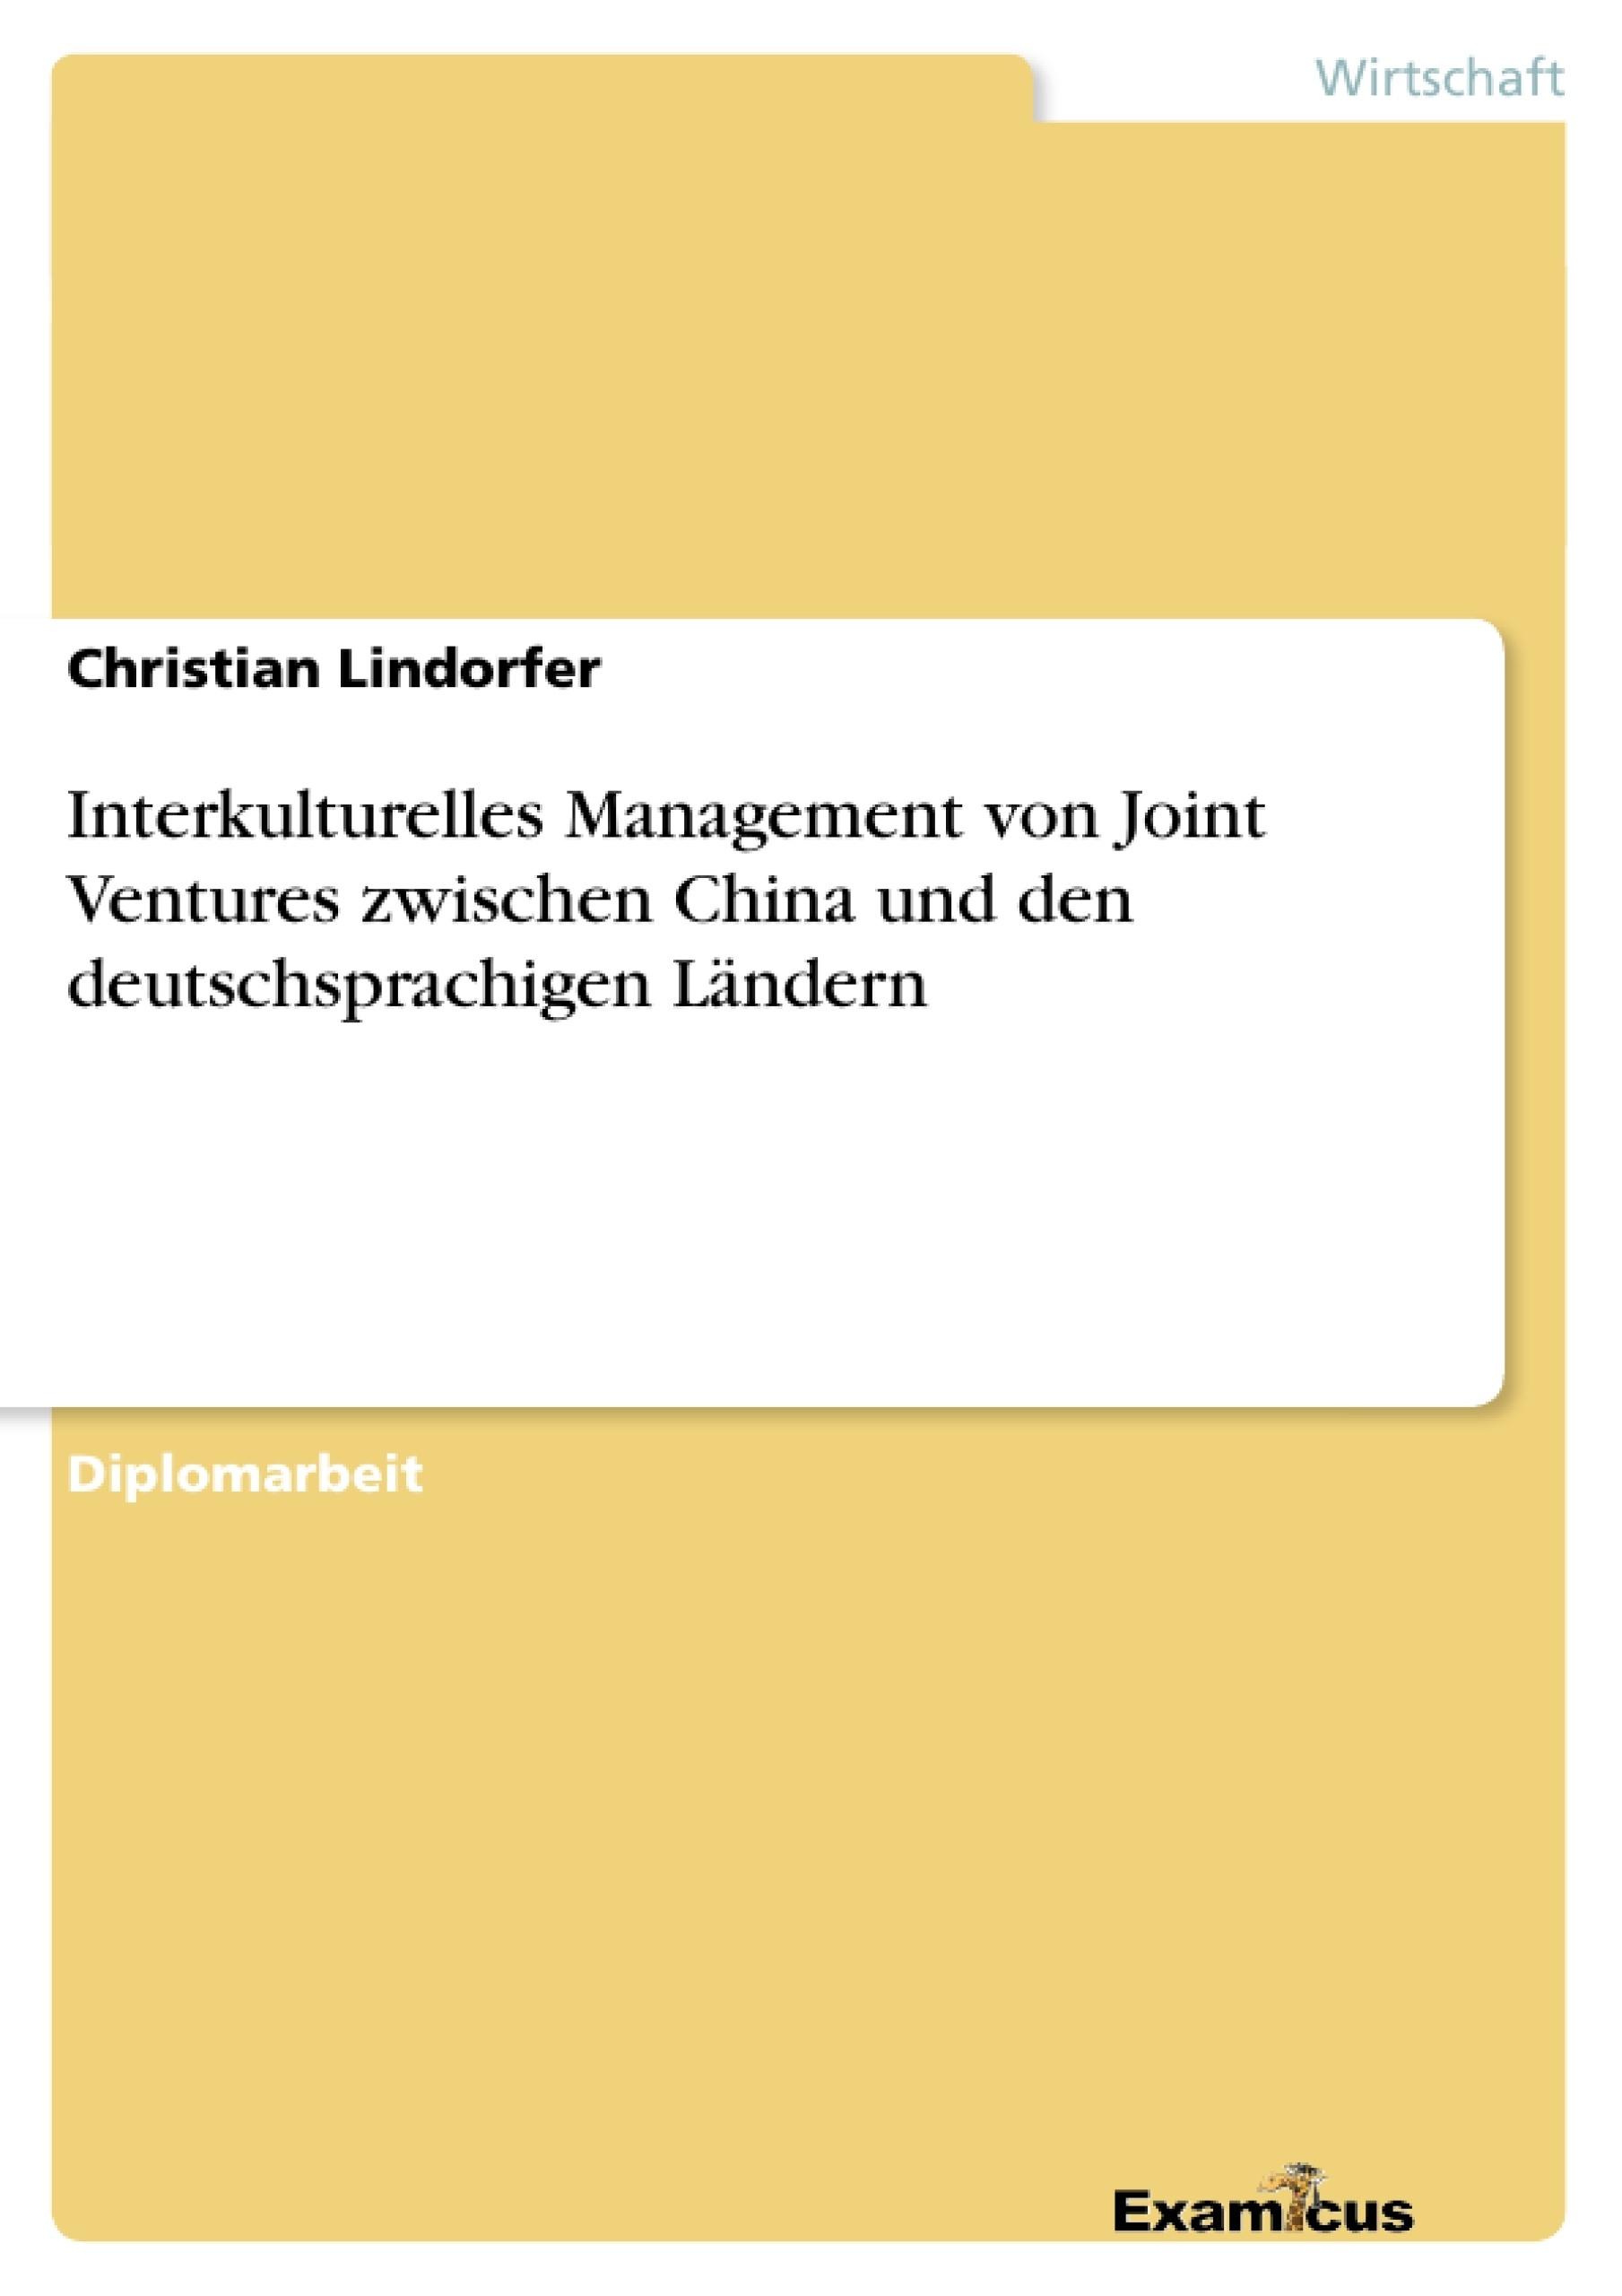 Titel: Interkulturelles Management von Joint Ventures zwischen China und den deutschsprachigen Ländern